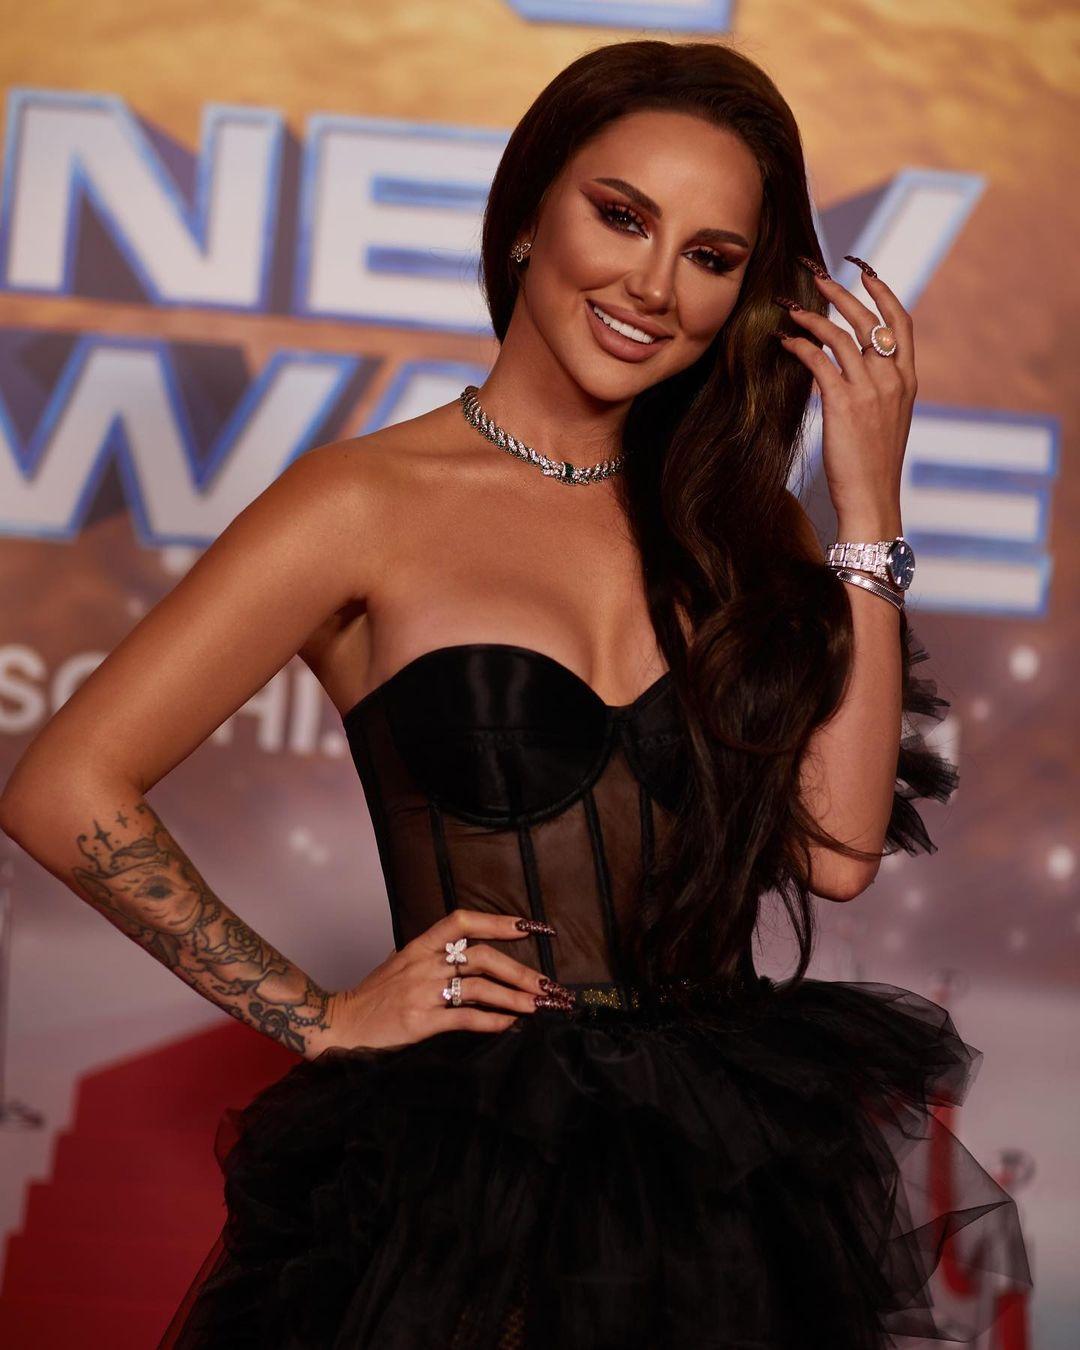 «Молокосос спел и миллионы заработал»: Певица Asti поделилась мнением о «звездах» из соцсетей